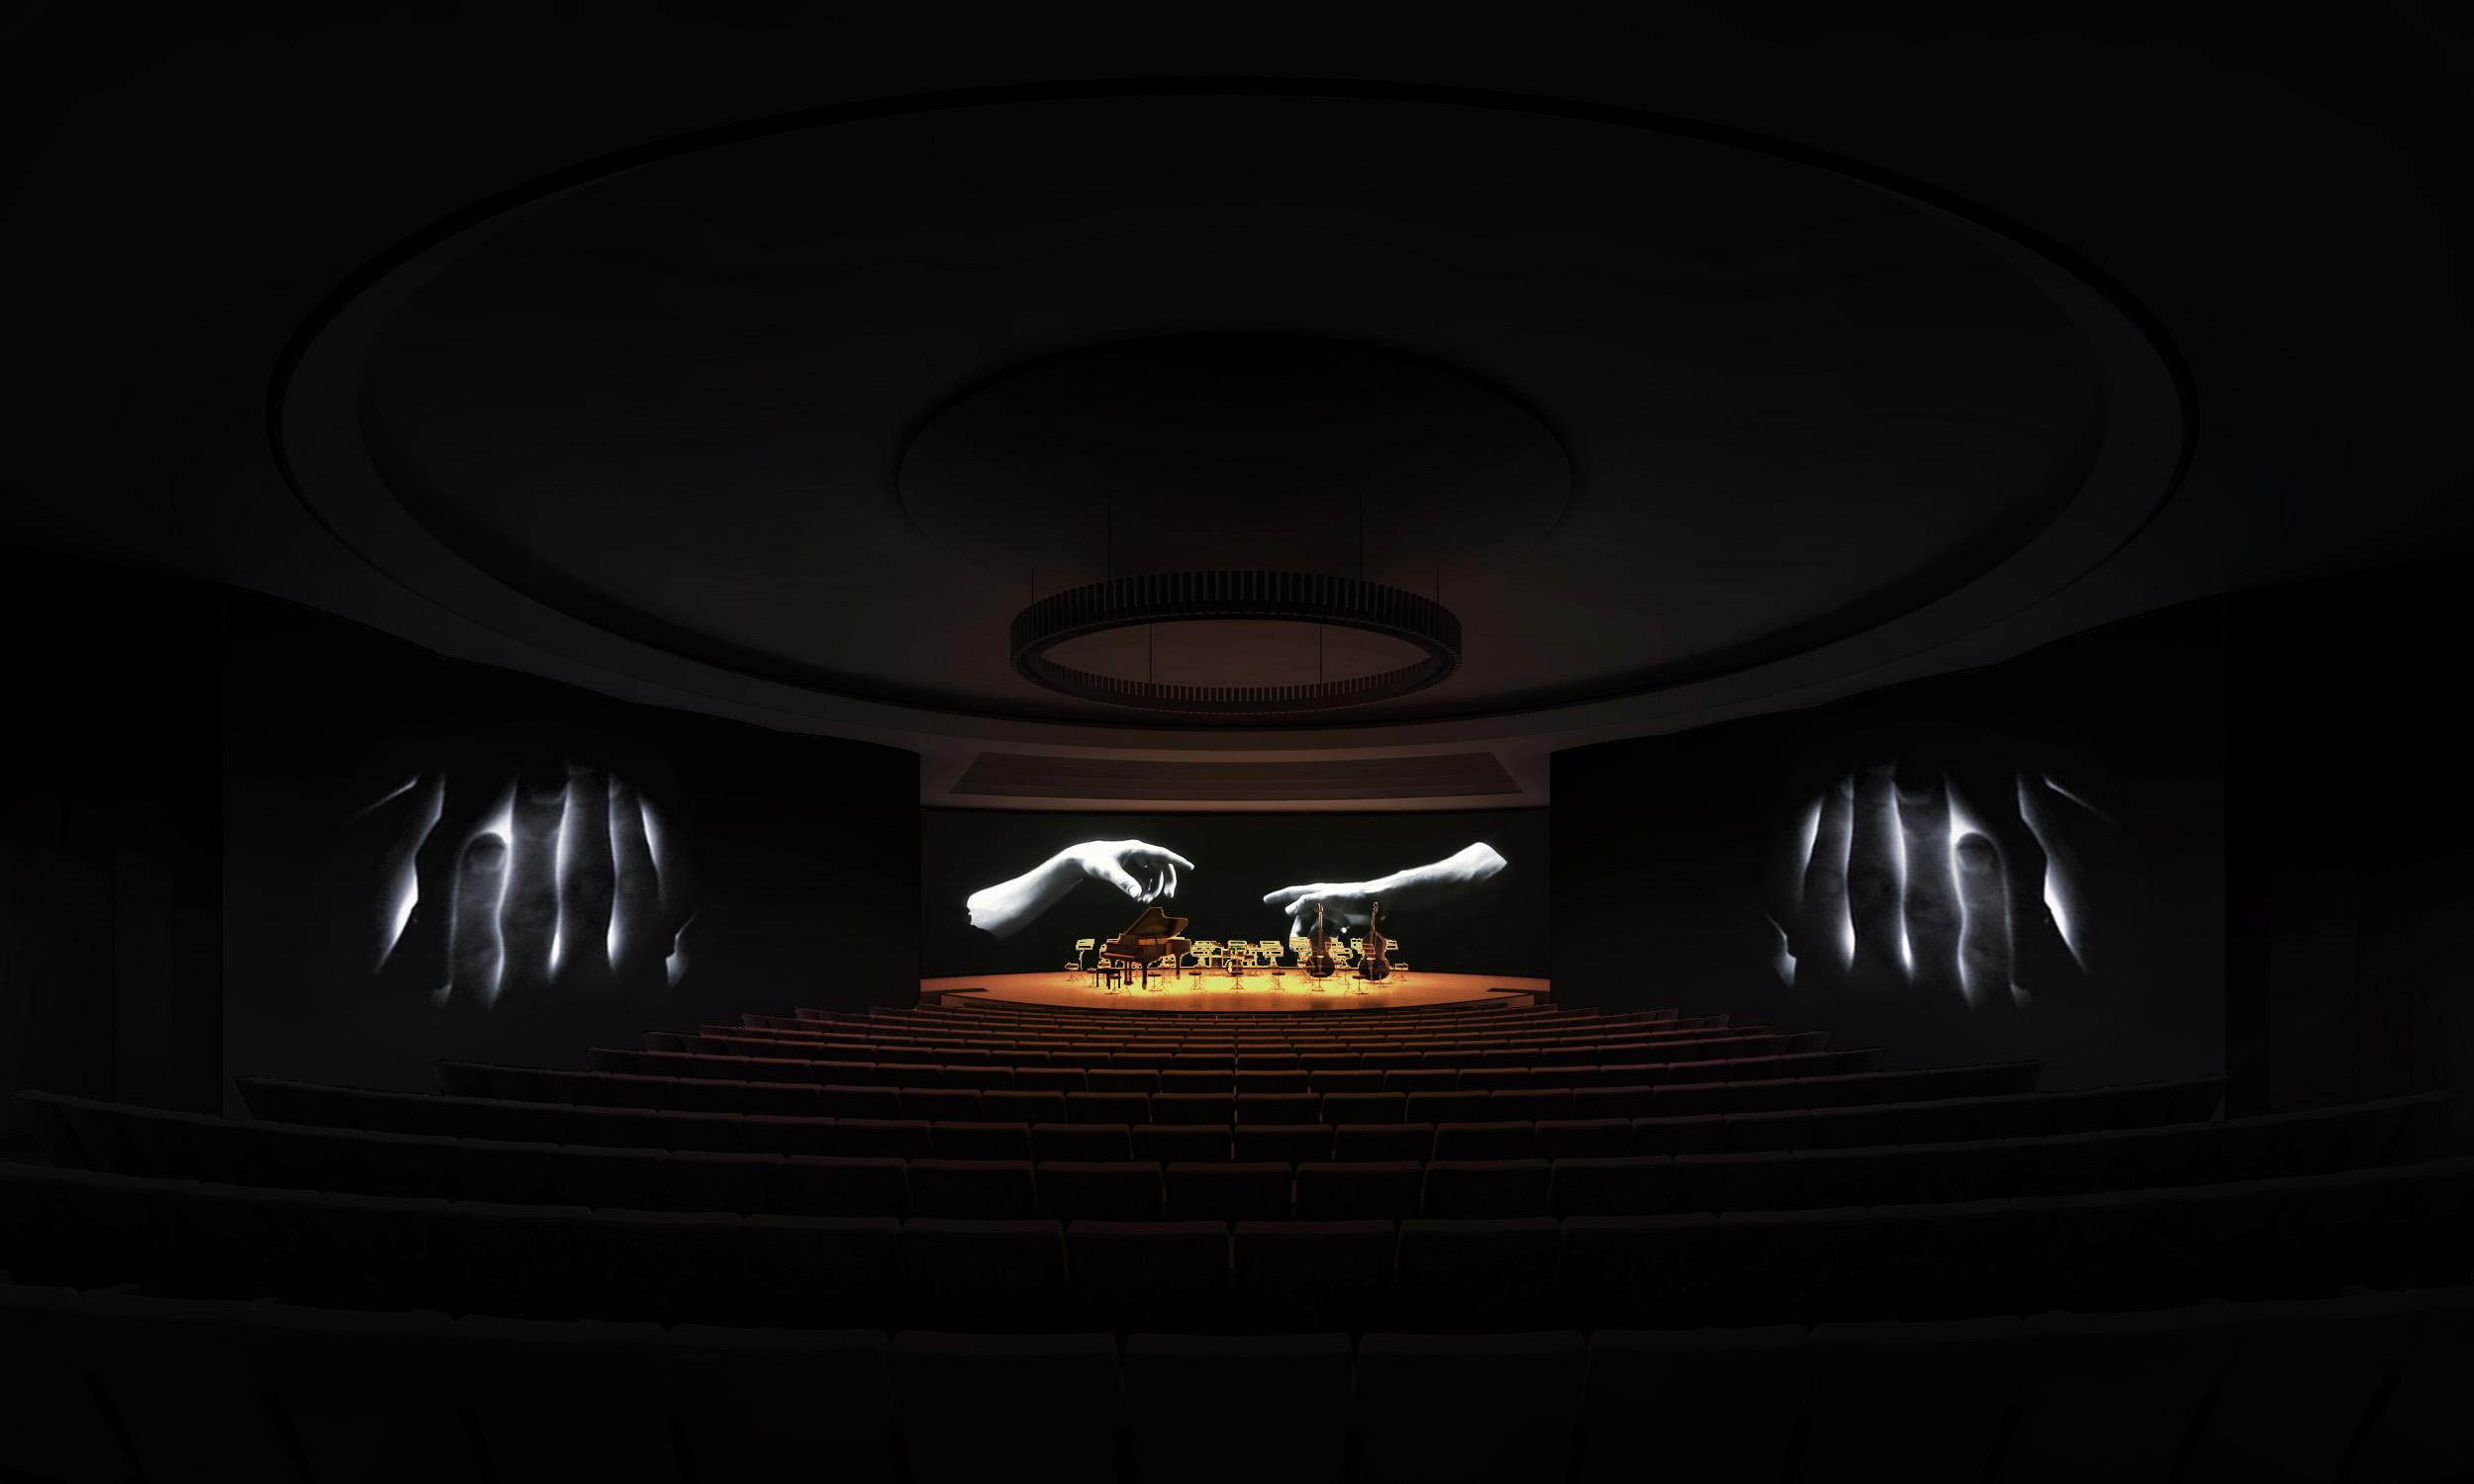 001_koncert 2.jpg